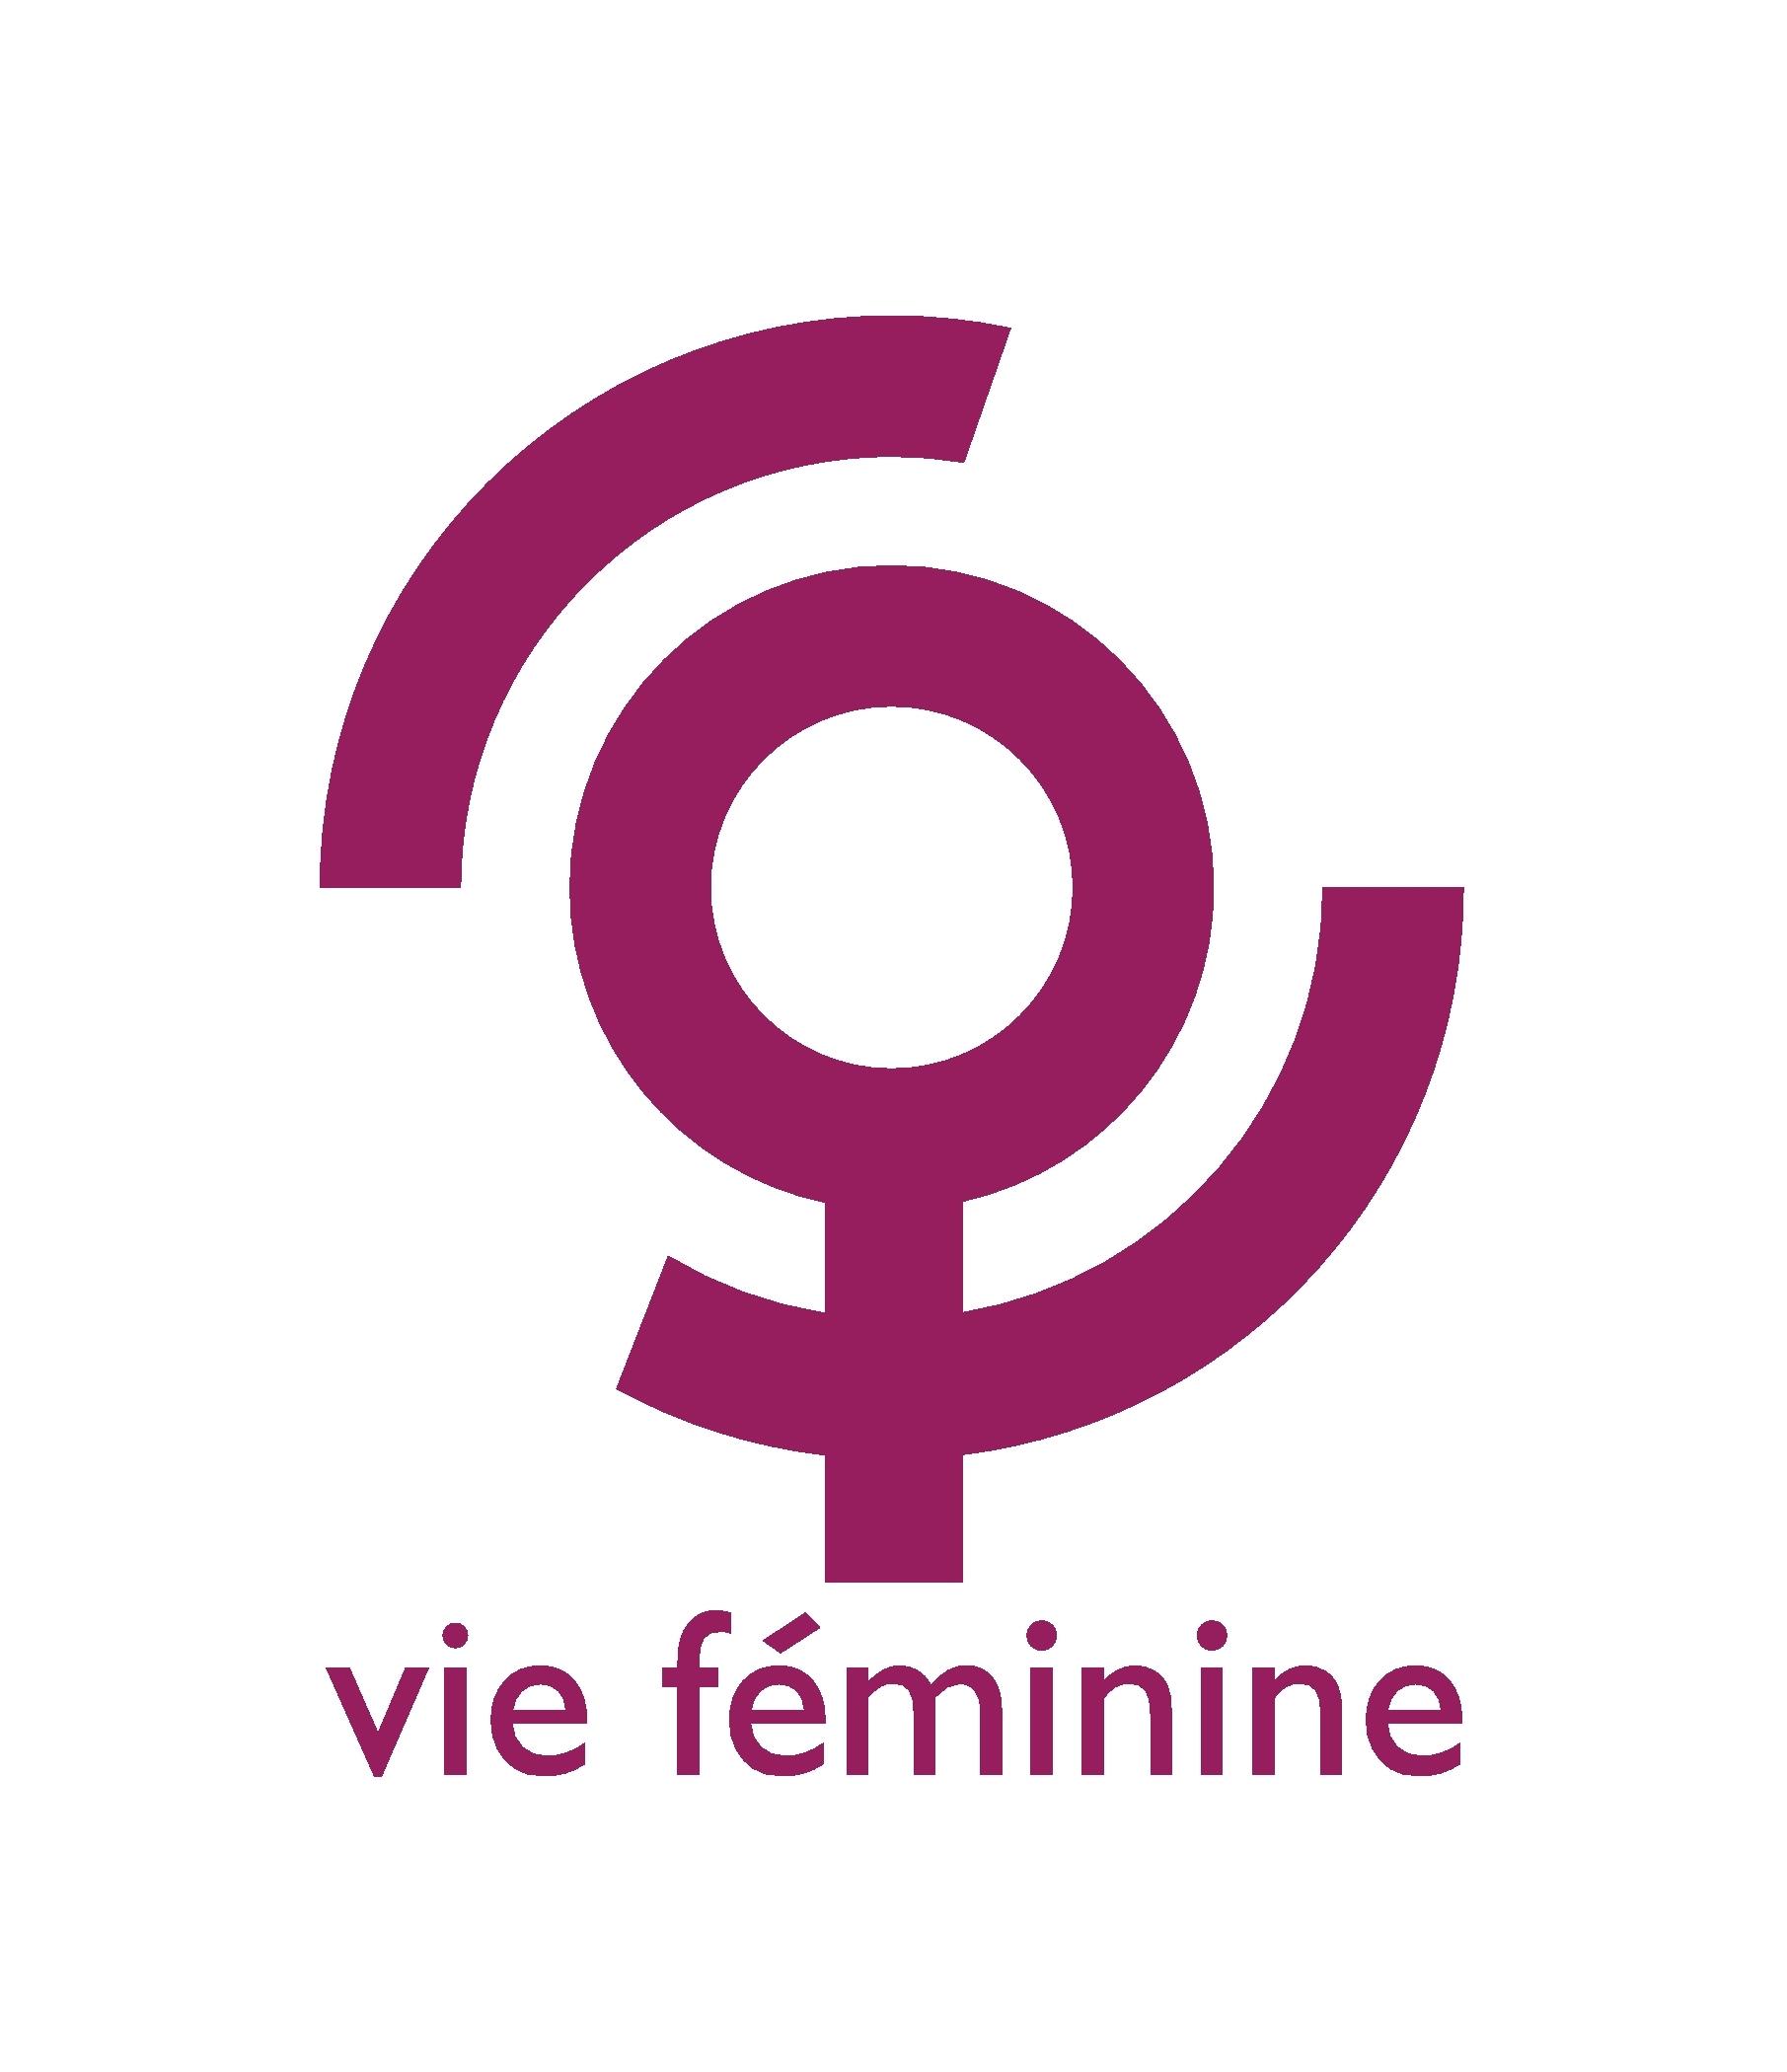 Vie Feminine